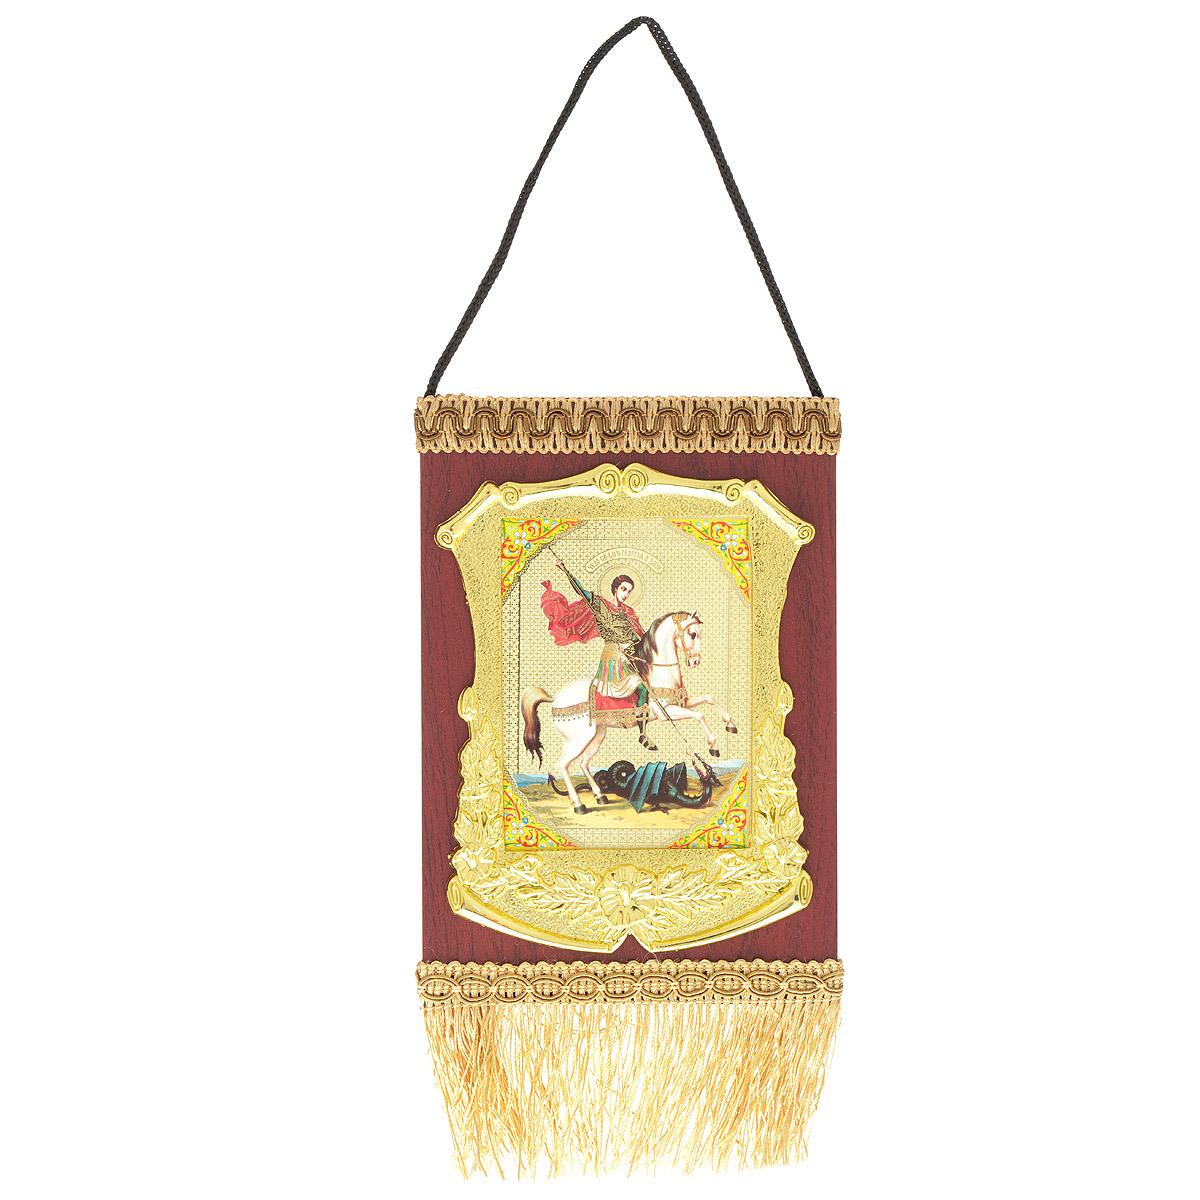 Икона в рамке Sima-land, 13 х 19 см121843Икона Sima-land, выполненная из дерева, оформлена святым изображением в изящной пластиковой рамке под золото и тесьмой с бахромой. Изделие оснащено подвесом, благодаря которому икону удобно вешать на стену. Икона полностью соответствует канонам Русской Православной Церкви. Такая икона будет прекрасным подарком с духовной составляющей.